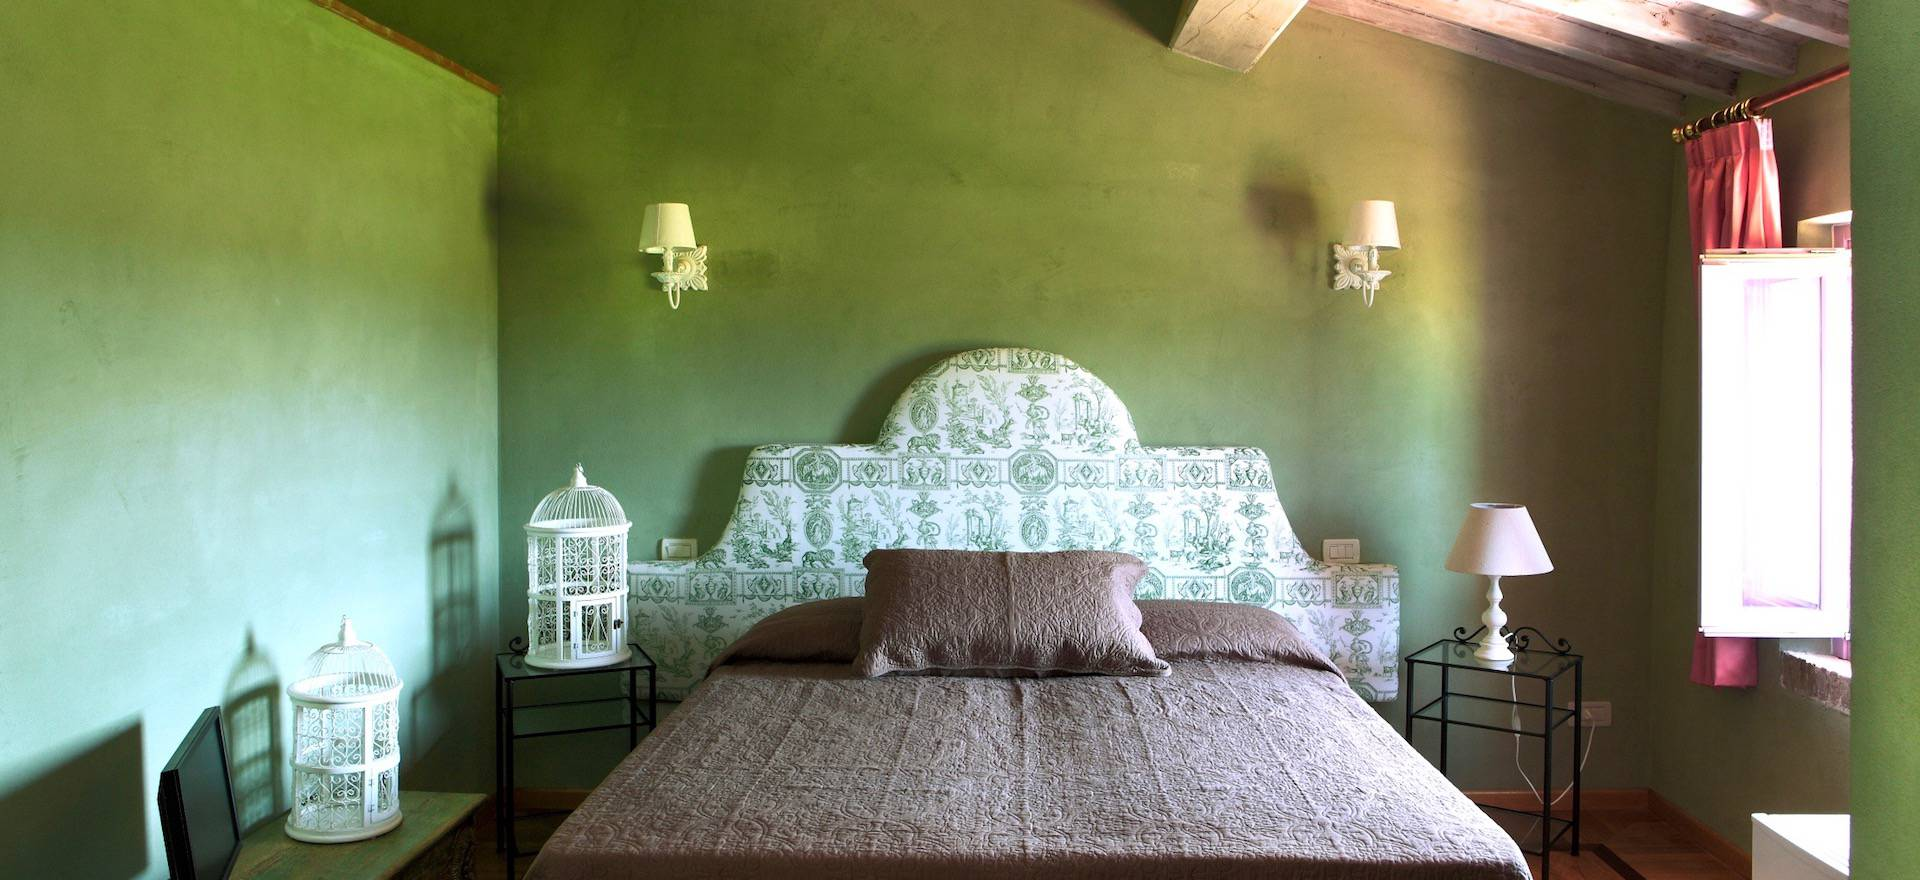 Agriturismo Toscane Agriturismo in Toscane met bijzonder stijlvolle kamers